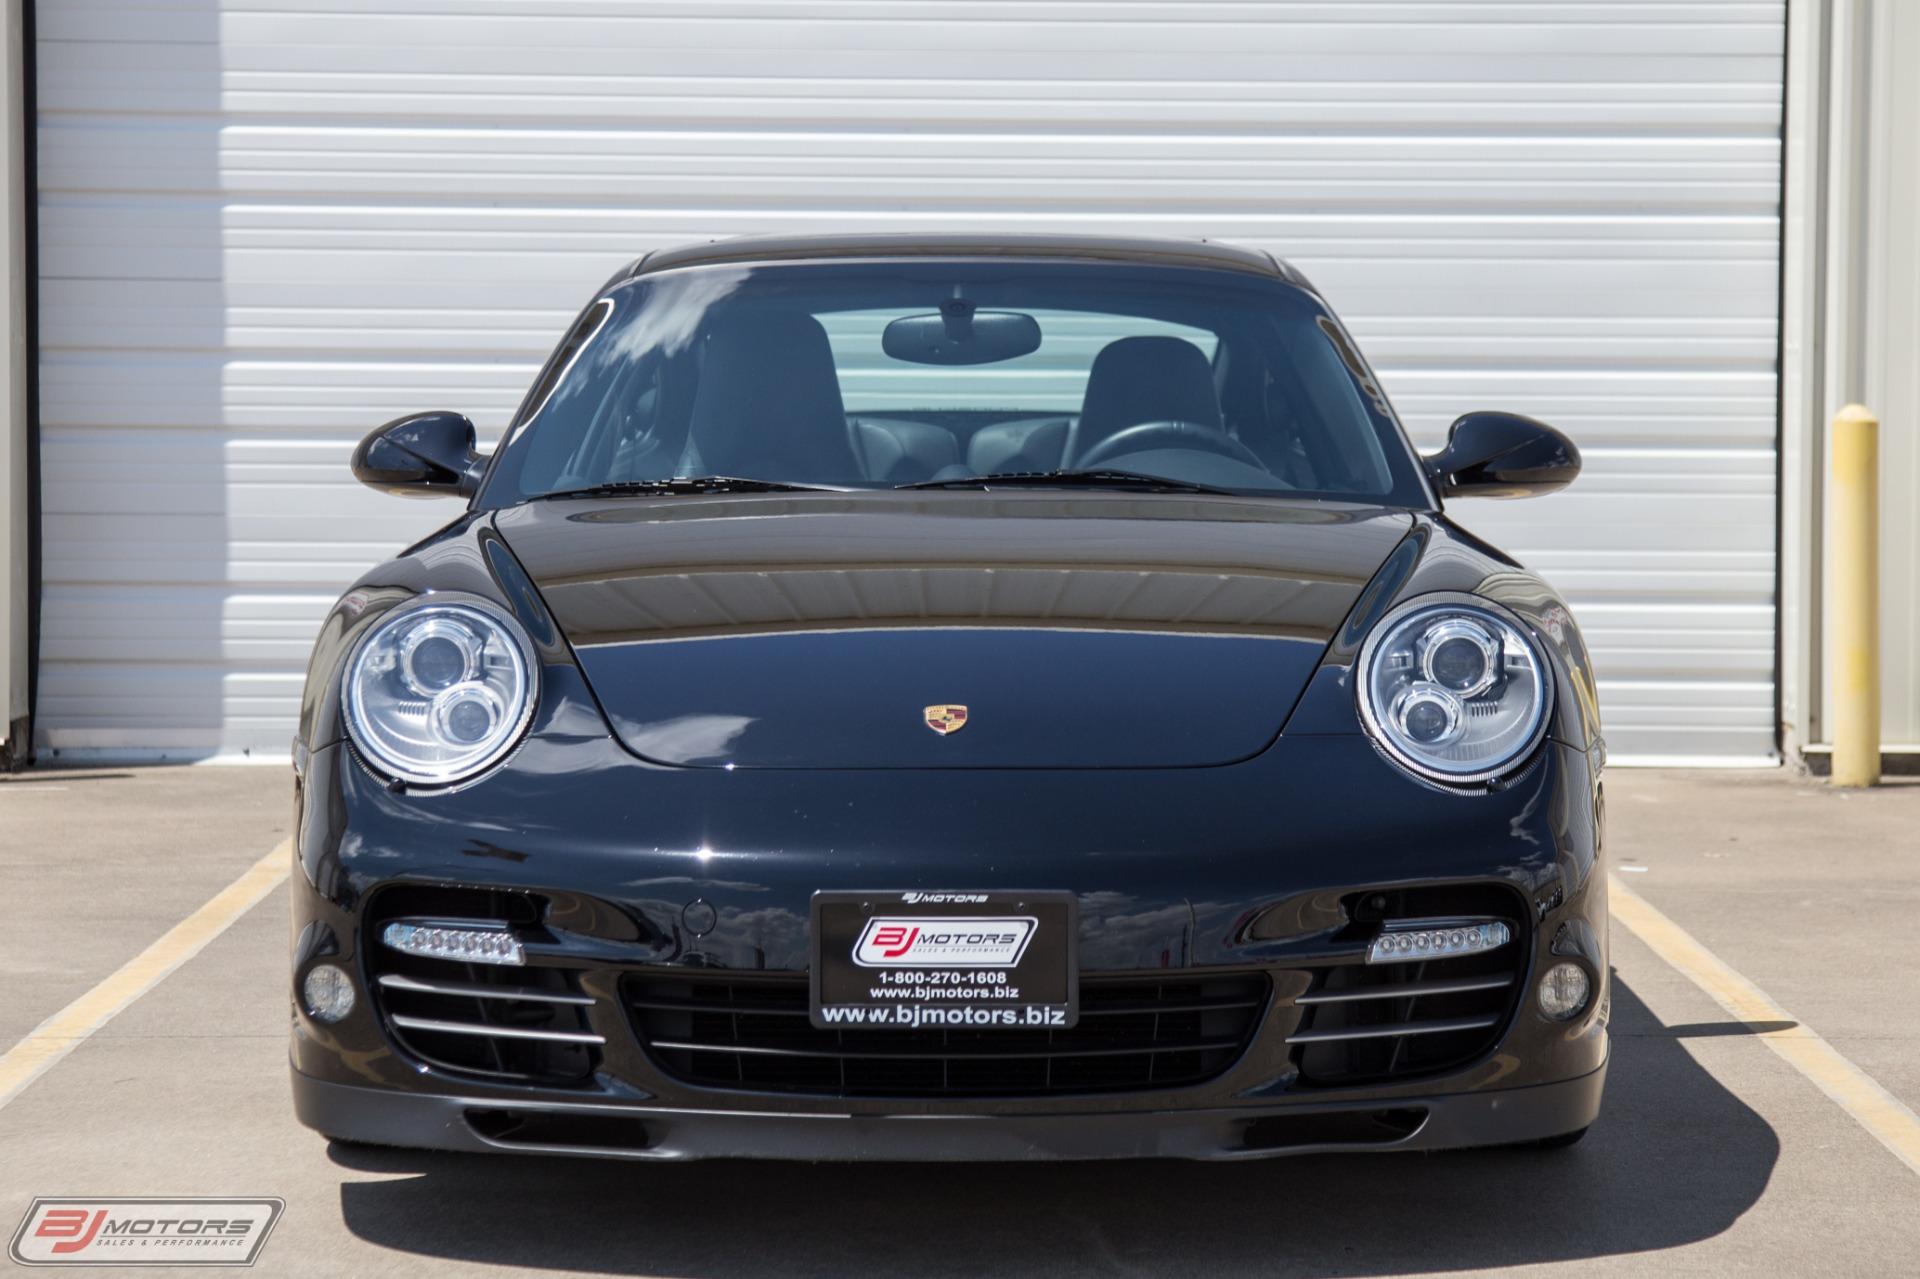 Used-2010-Porsche-911-Turbo